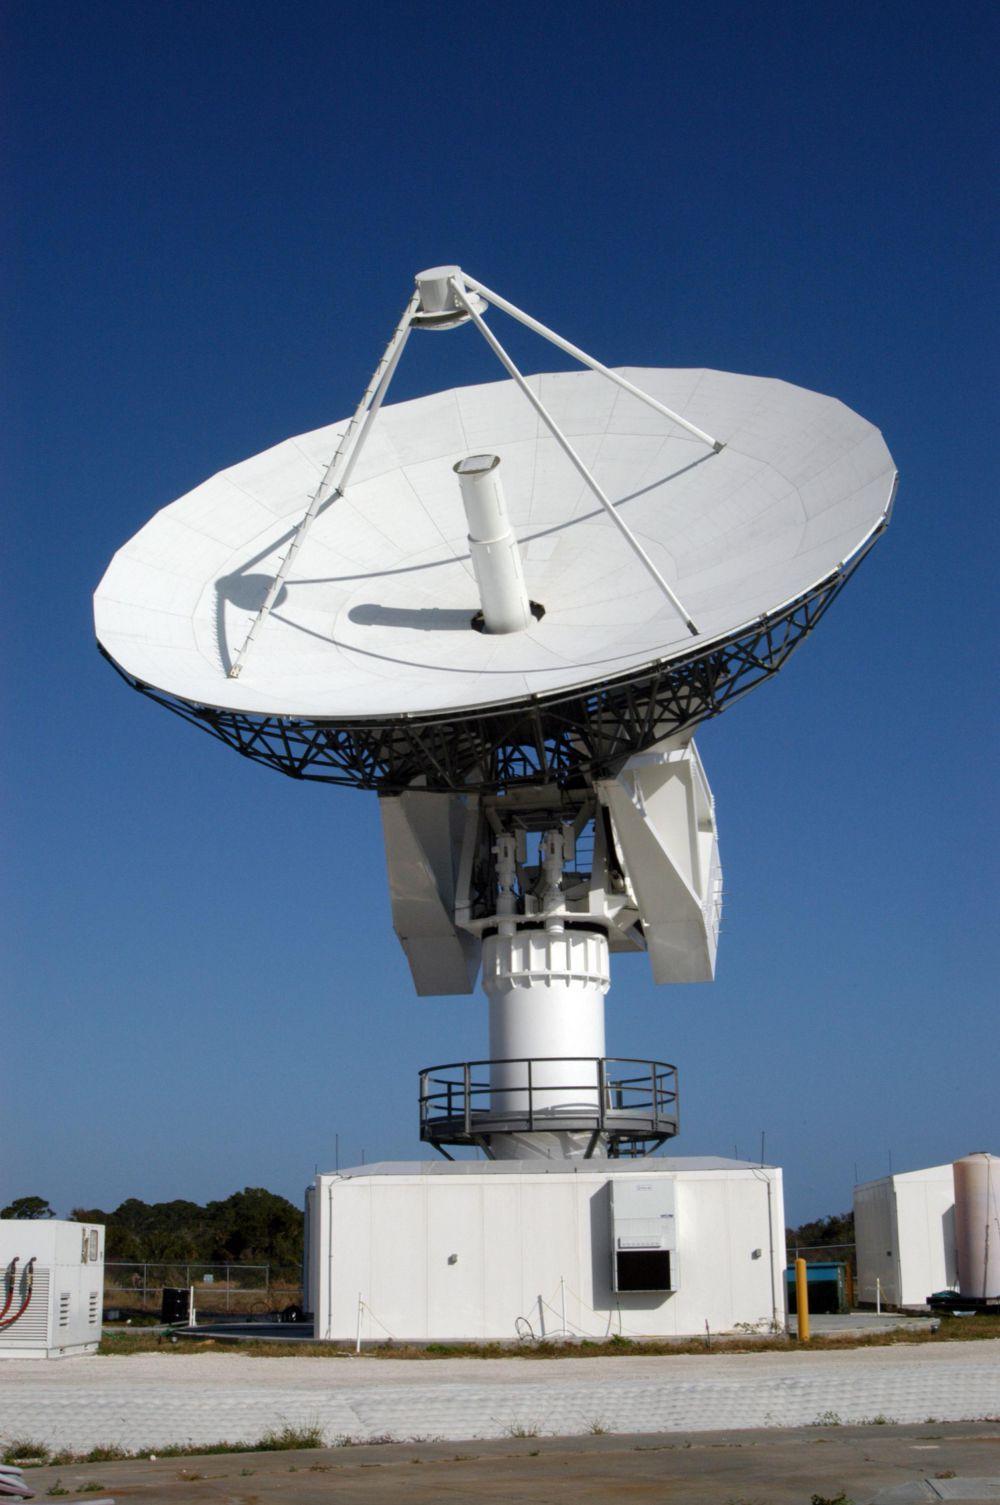 Радиолокационная станция использует метод, основанный на излучении радиоволн и регистрации их отражений от объектов. На фото - радиолокационная станция в США.